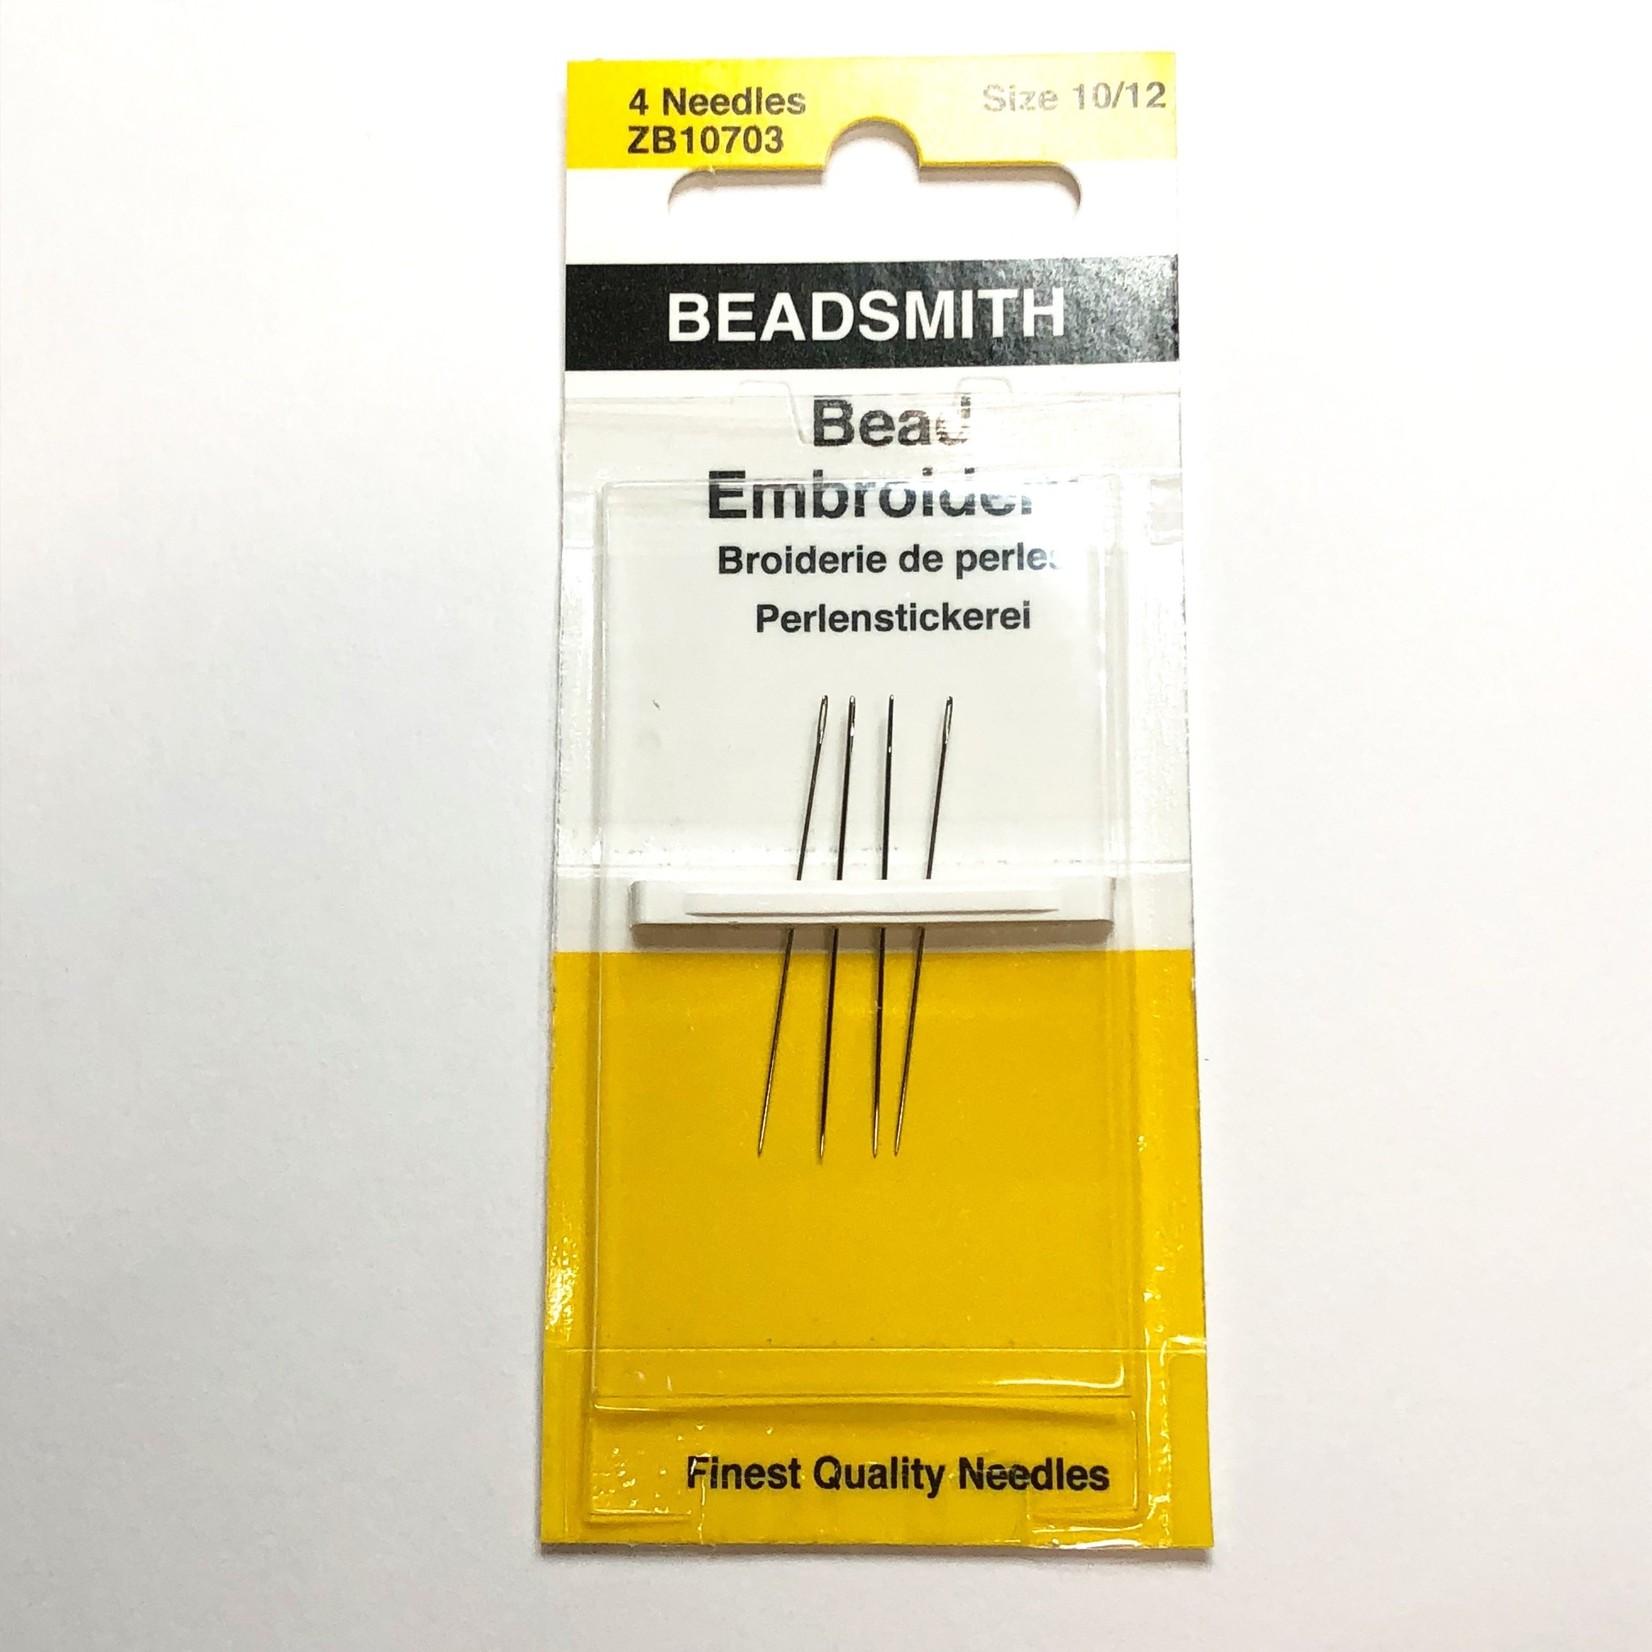 Beadsmith Bead Embroidery Needles #10/12  4pcs